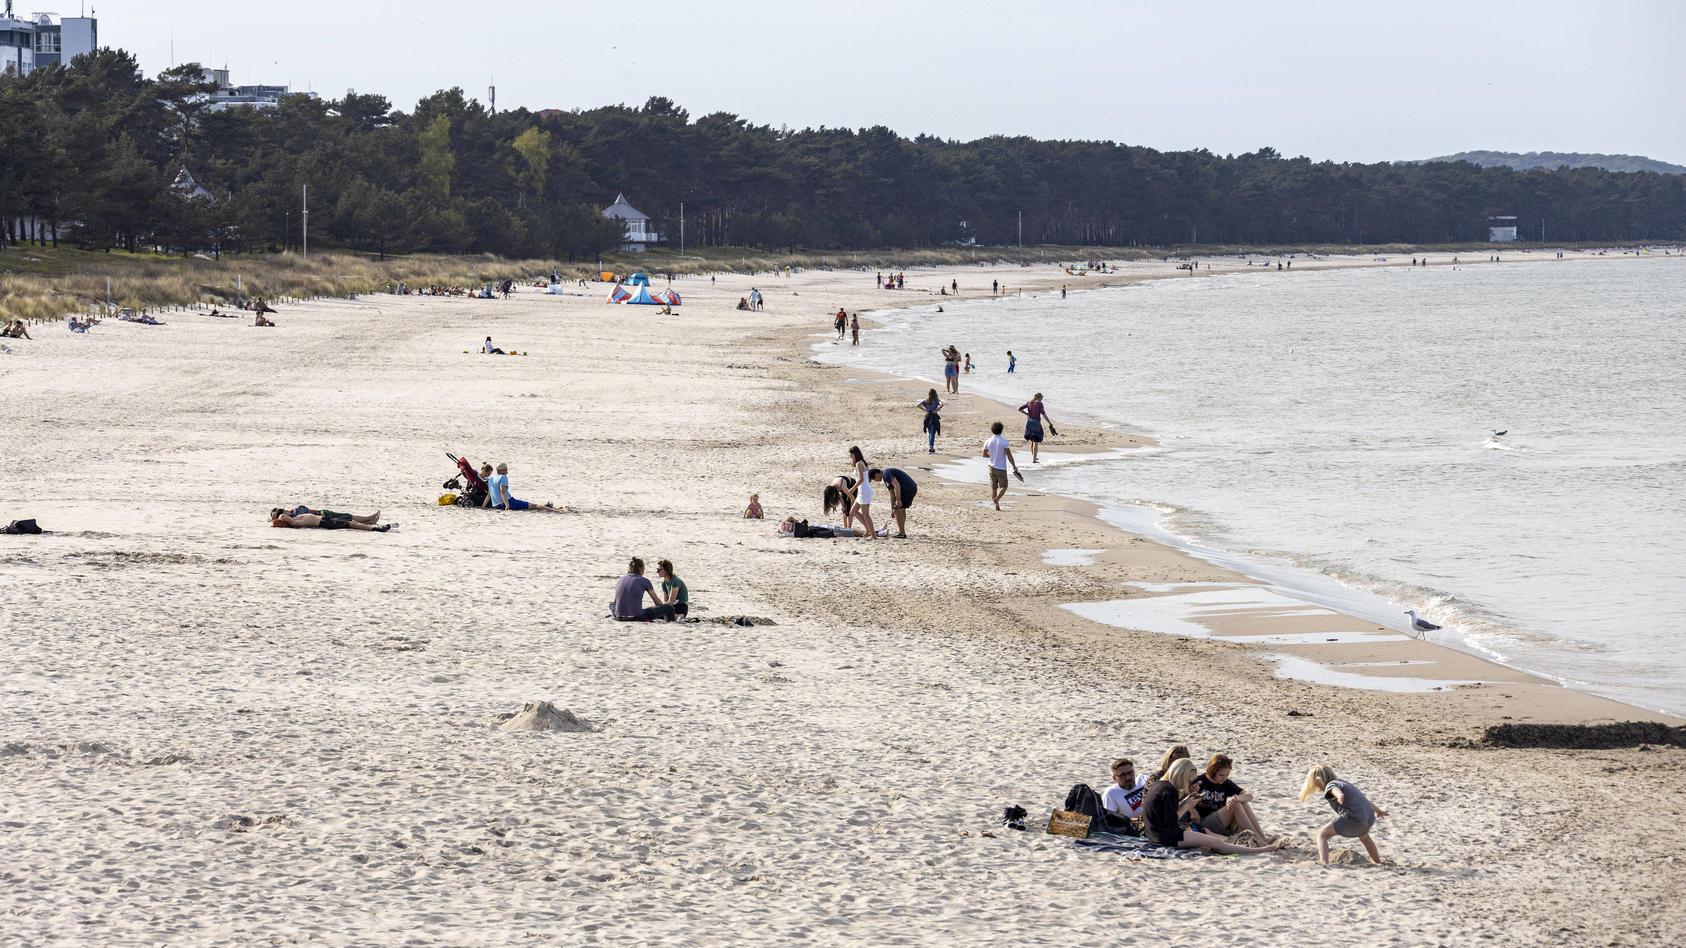 Bei Temperaturen über 20 Grad können im Ostsee-Wasser Gefahren lauern.